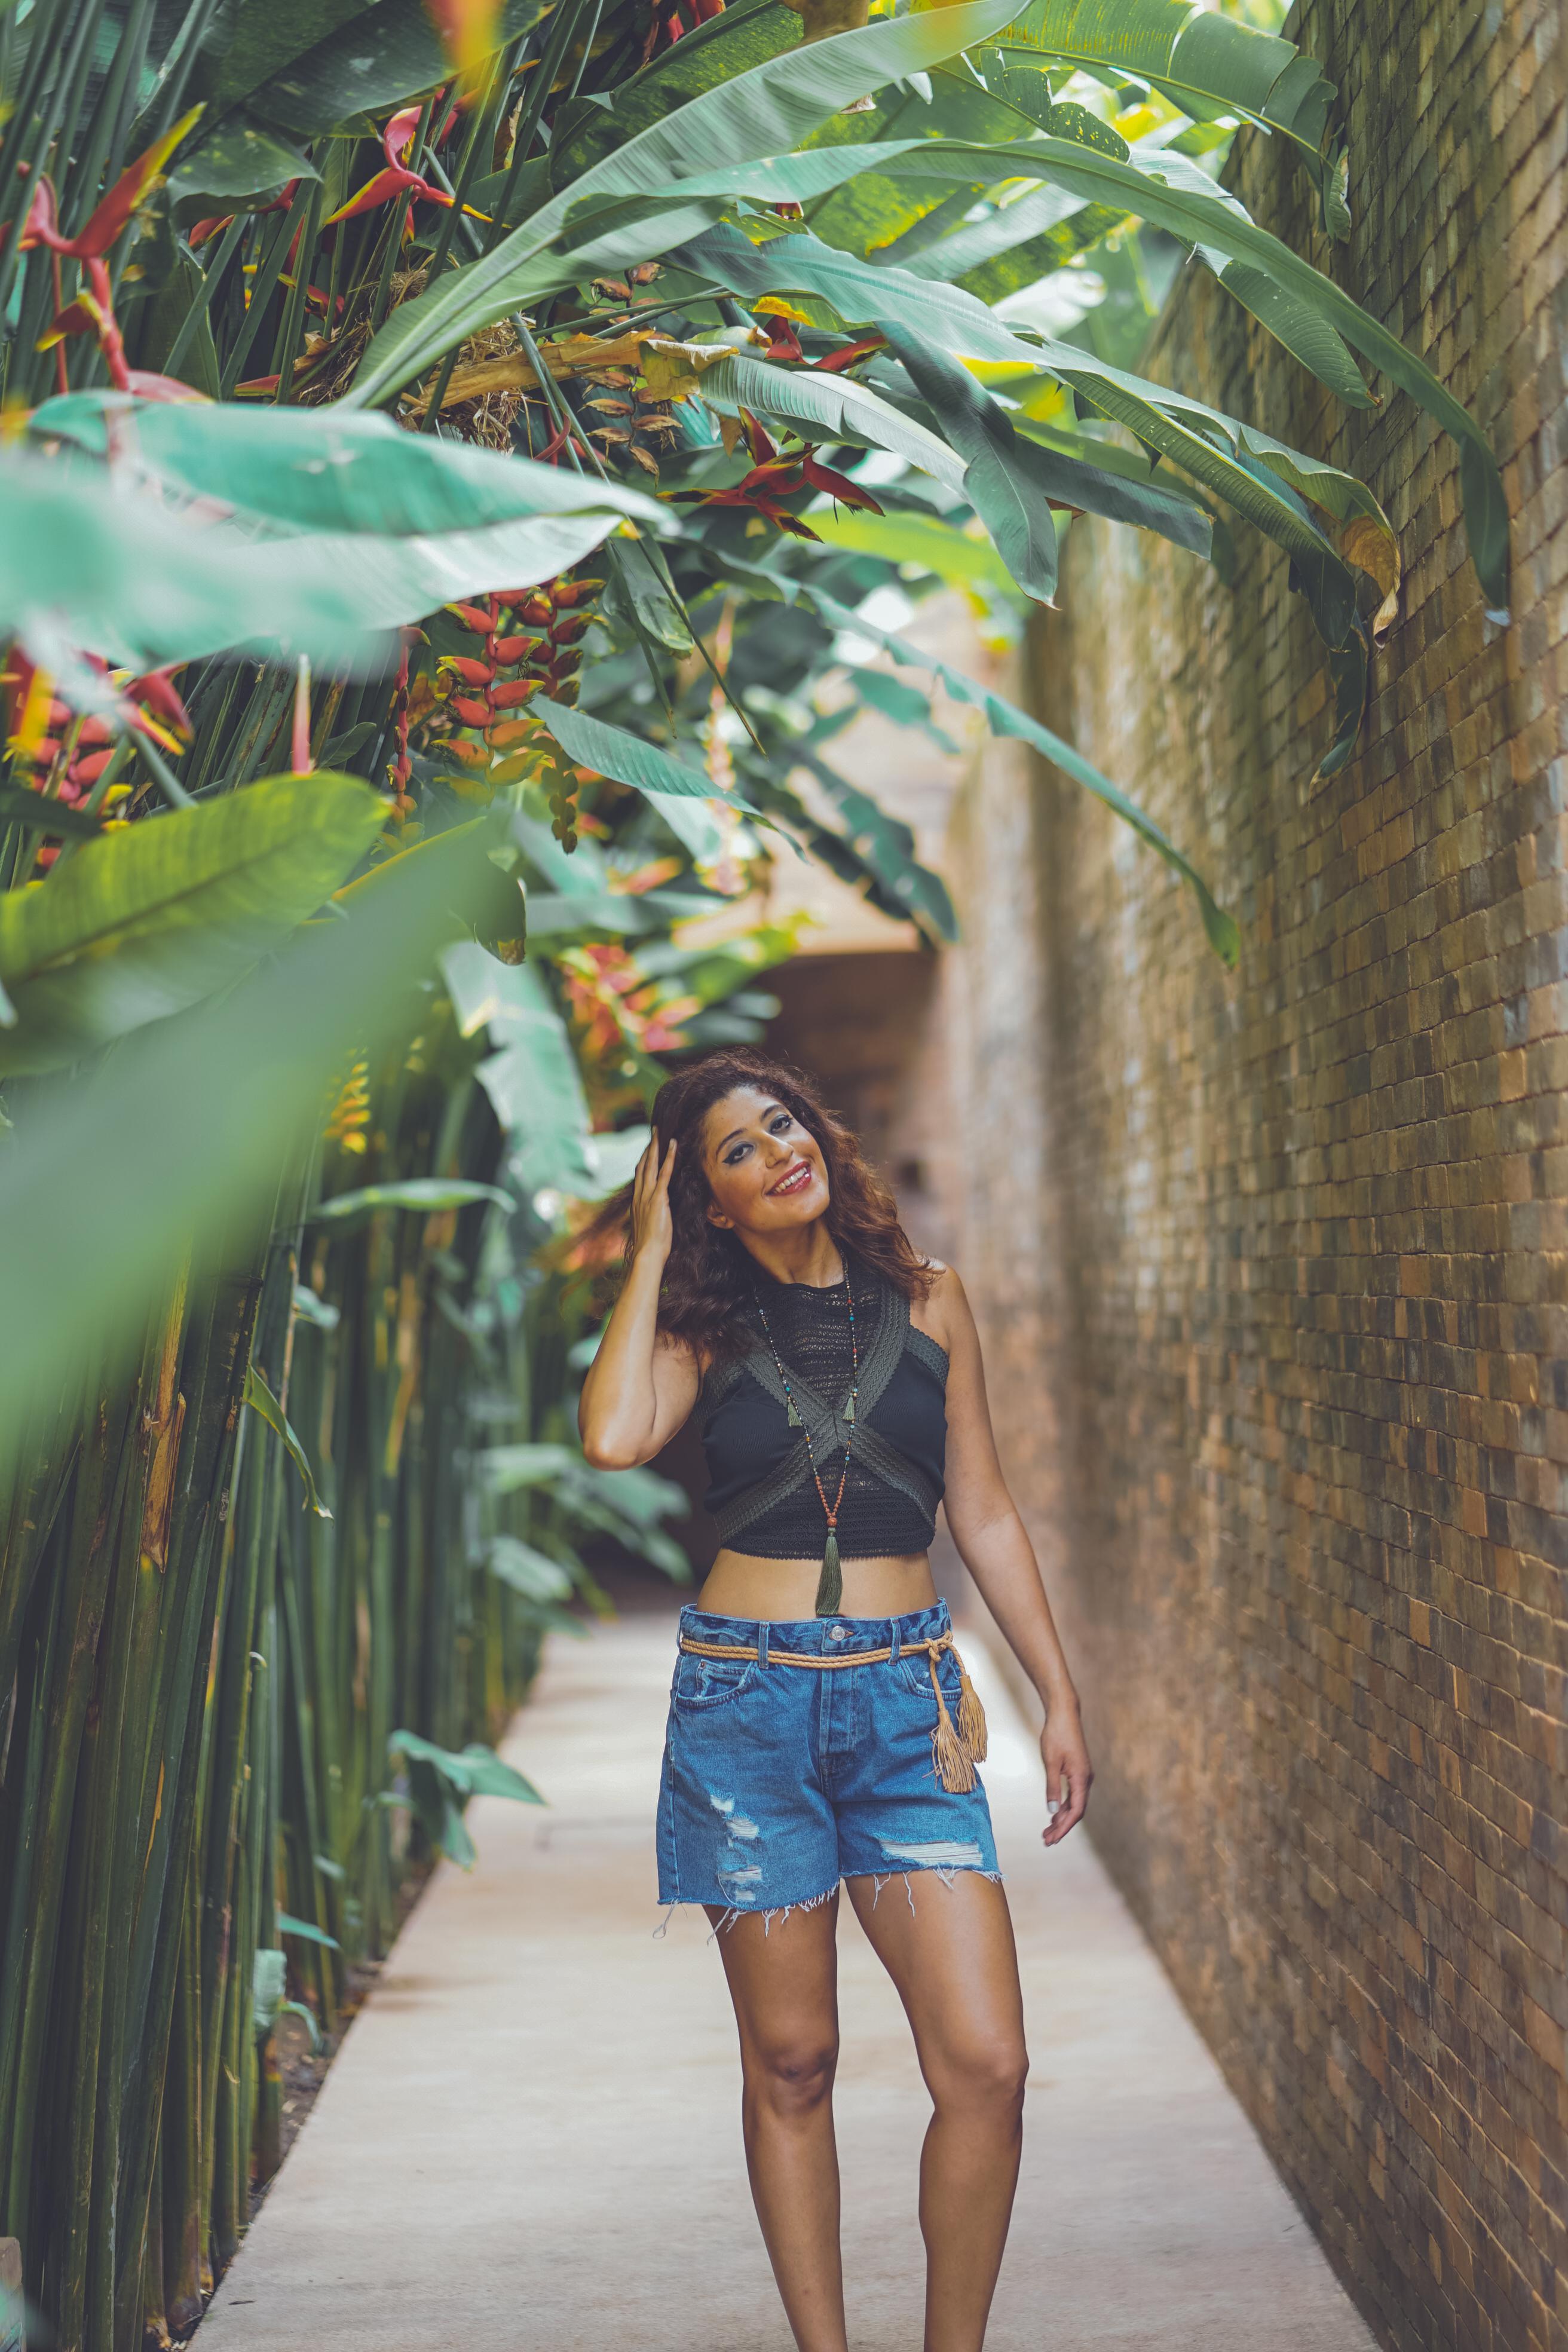 lifestyle redesign  - 685f45 d612fff5730e4b4a98fa260765af49f8~mv2 d 2624 3936 s 4 2 - Katamama Hotel in Bali: Saudi Diva's Expert Review